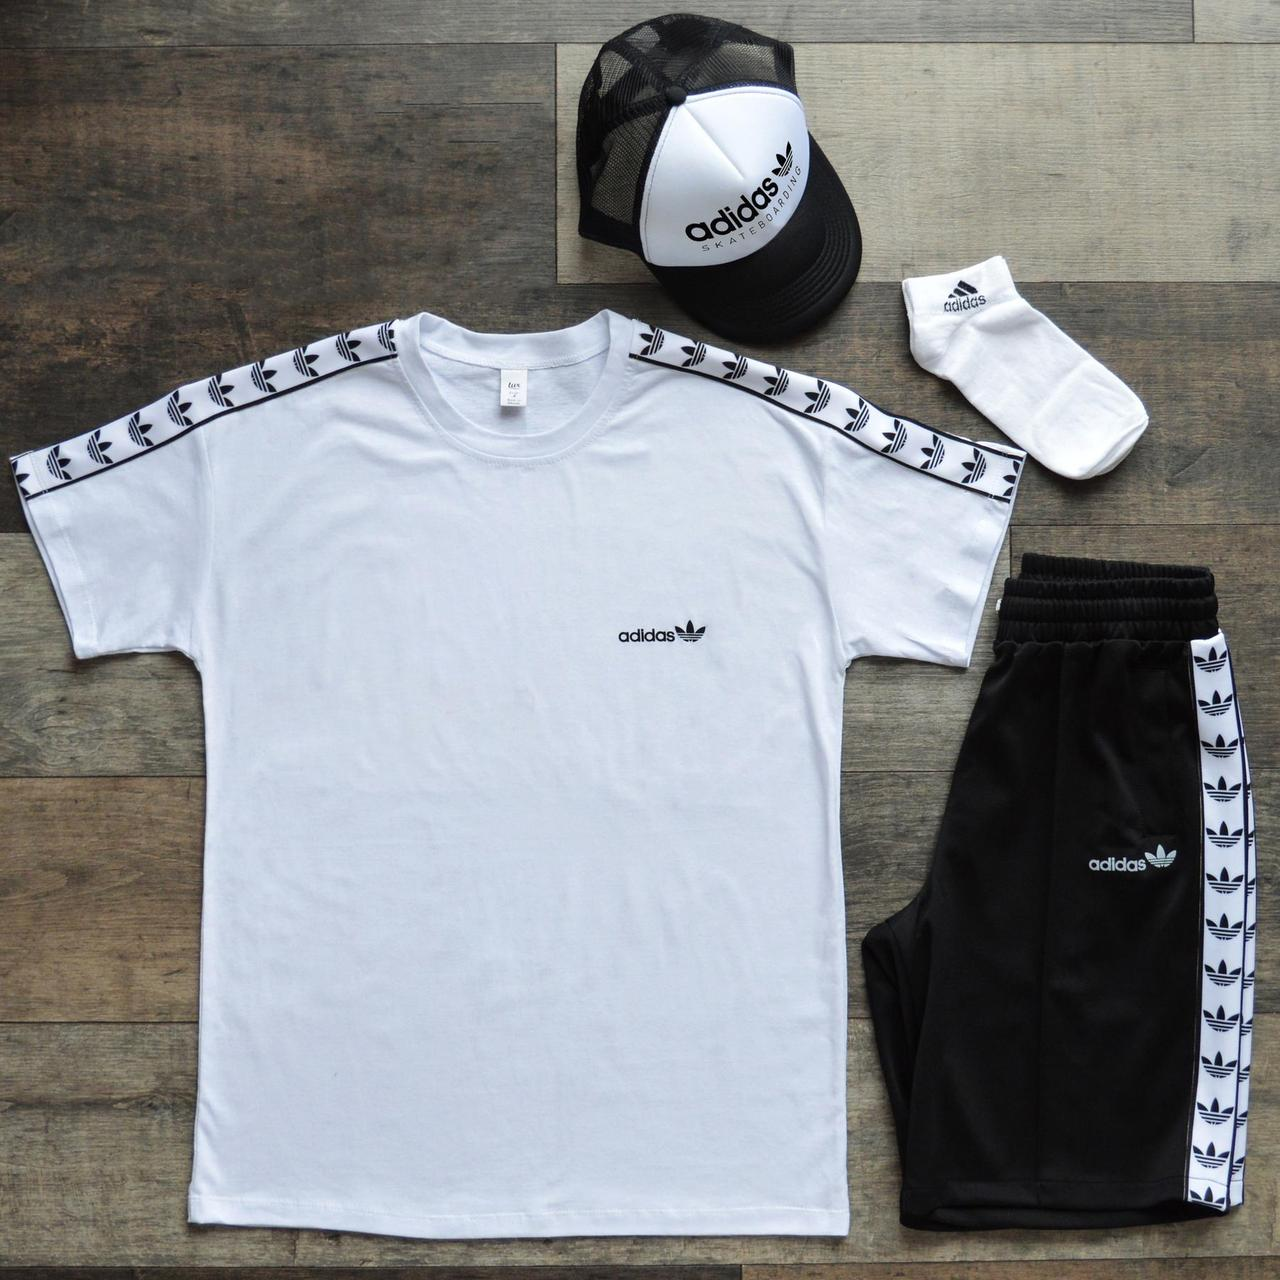 Костюм мужской Adidas 4в1 (футболка, шорты,кепка,носки). Летний комплект Адидас Оридж черно-белый (4 позиции).